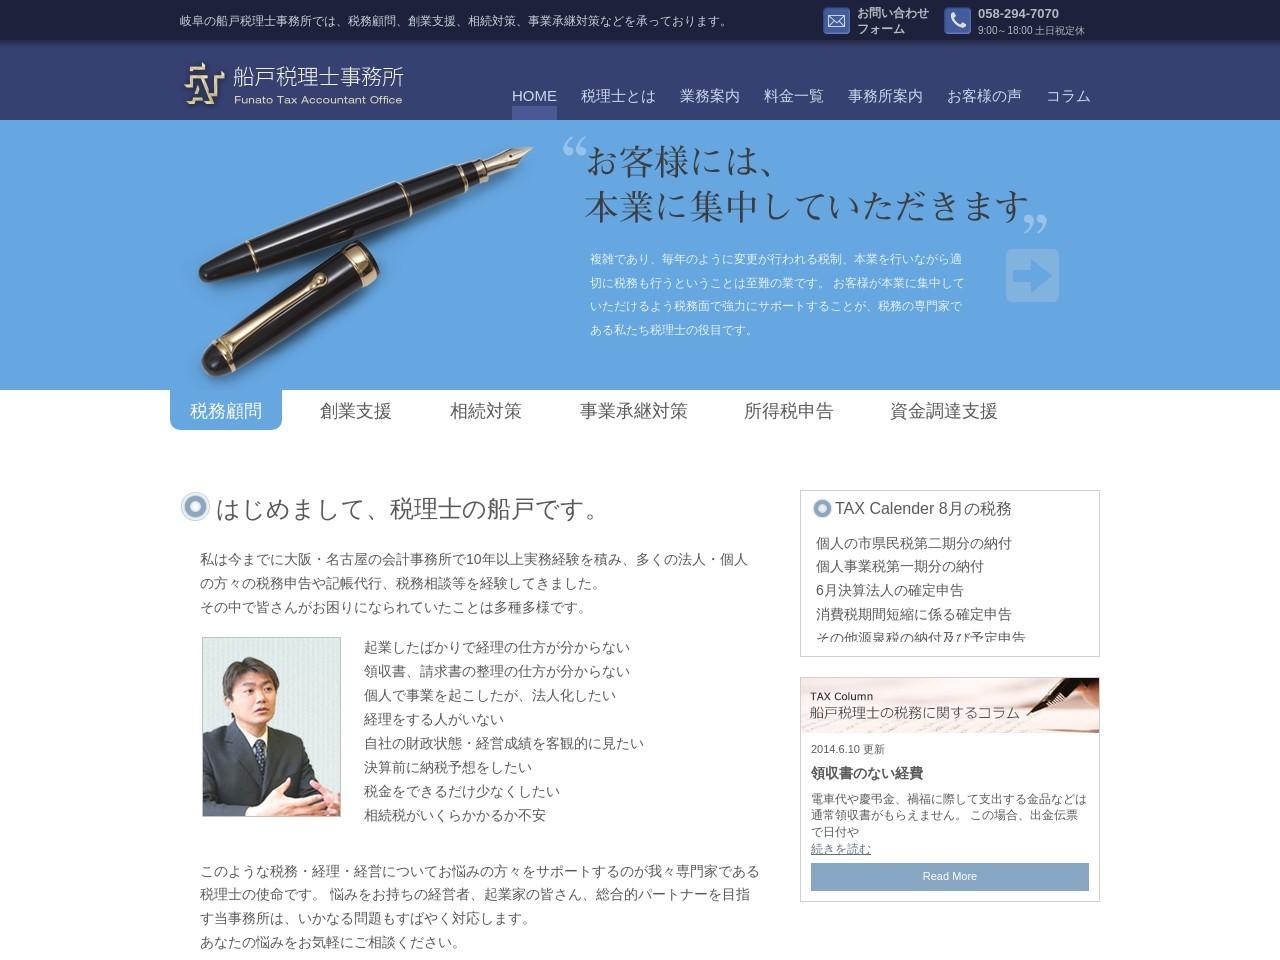 船戸公司税理士事務所